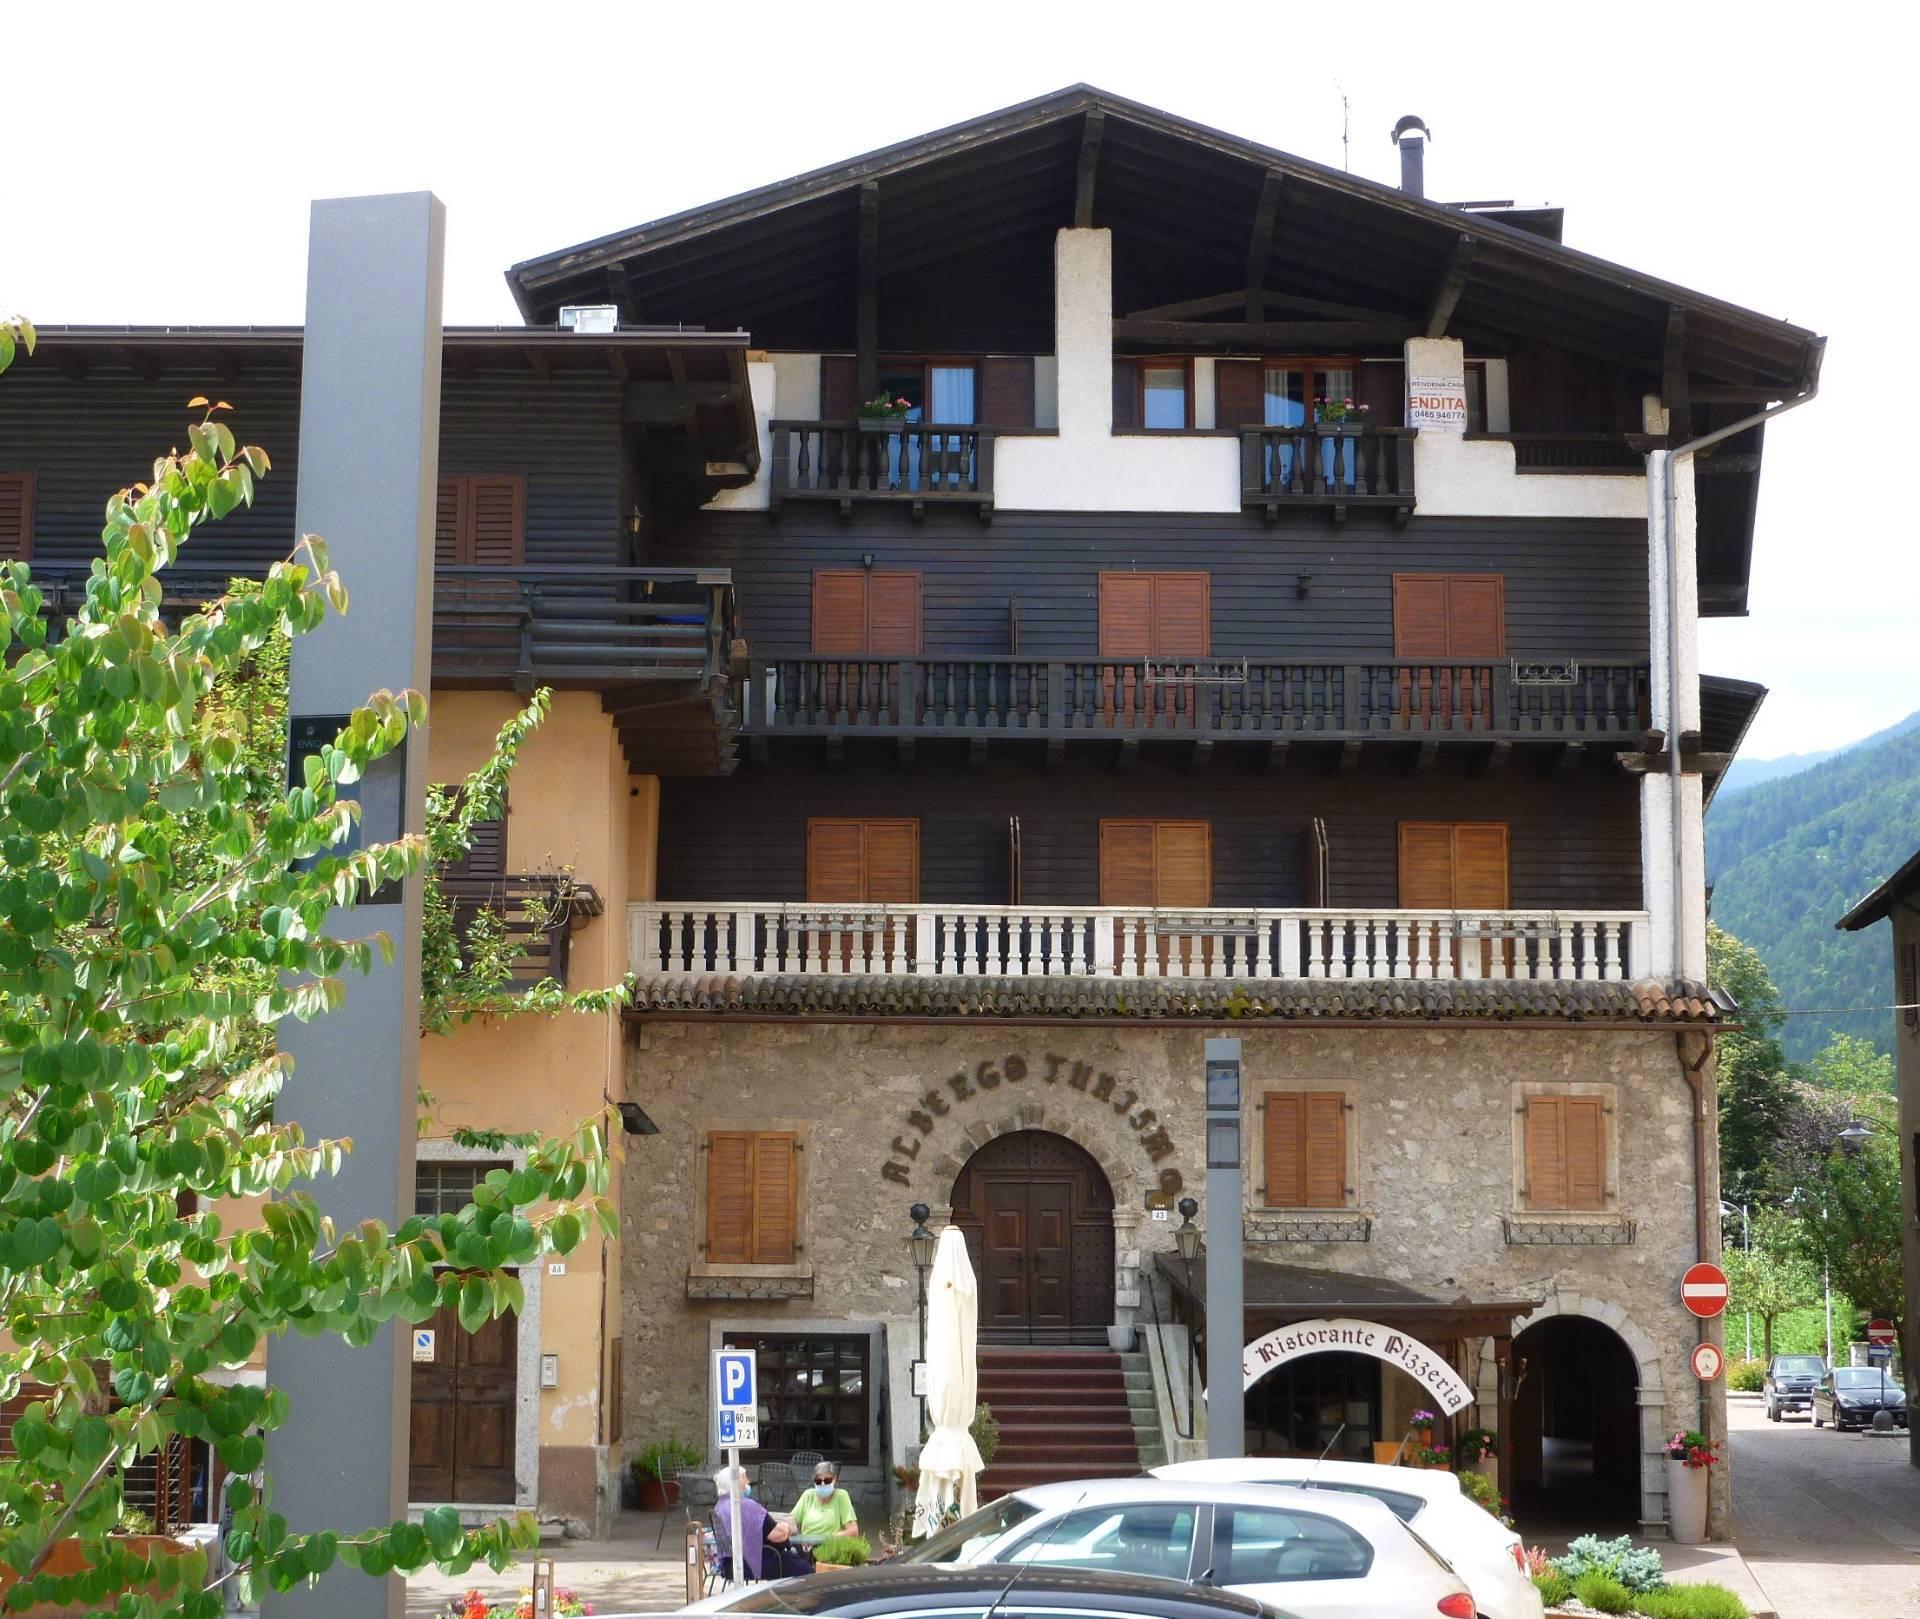 Appartamento in vendita a Spiazzo, 3 locali, zona Zona: Borzago, prezzo € 178.000 | CambioCasa.it